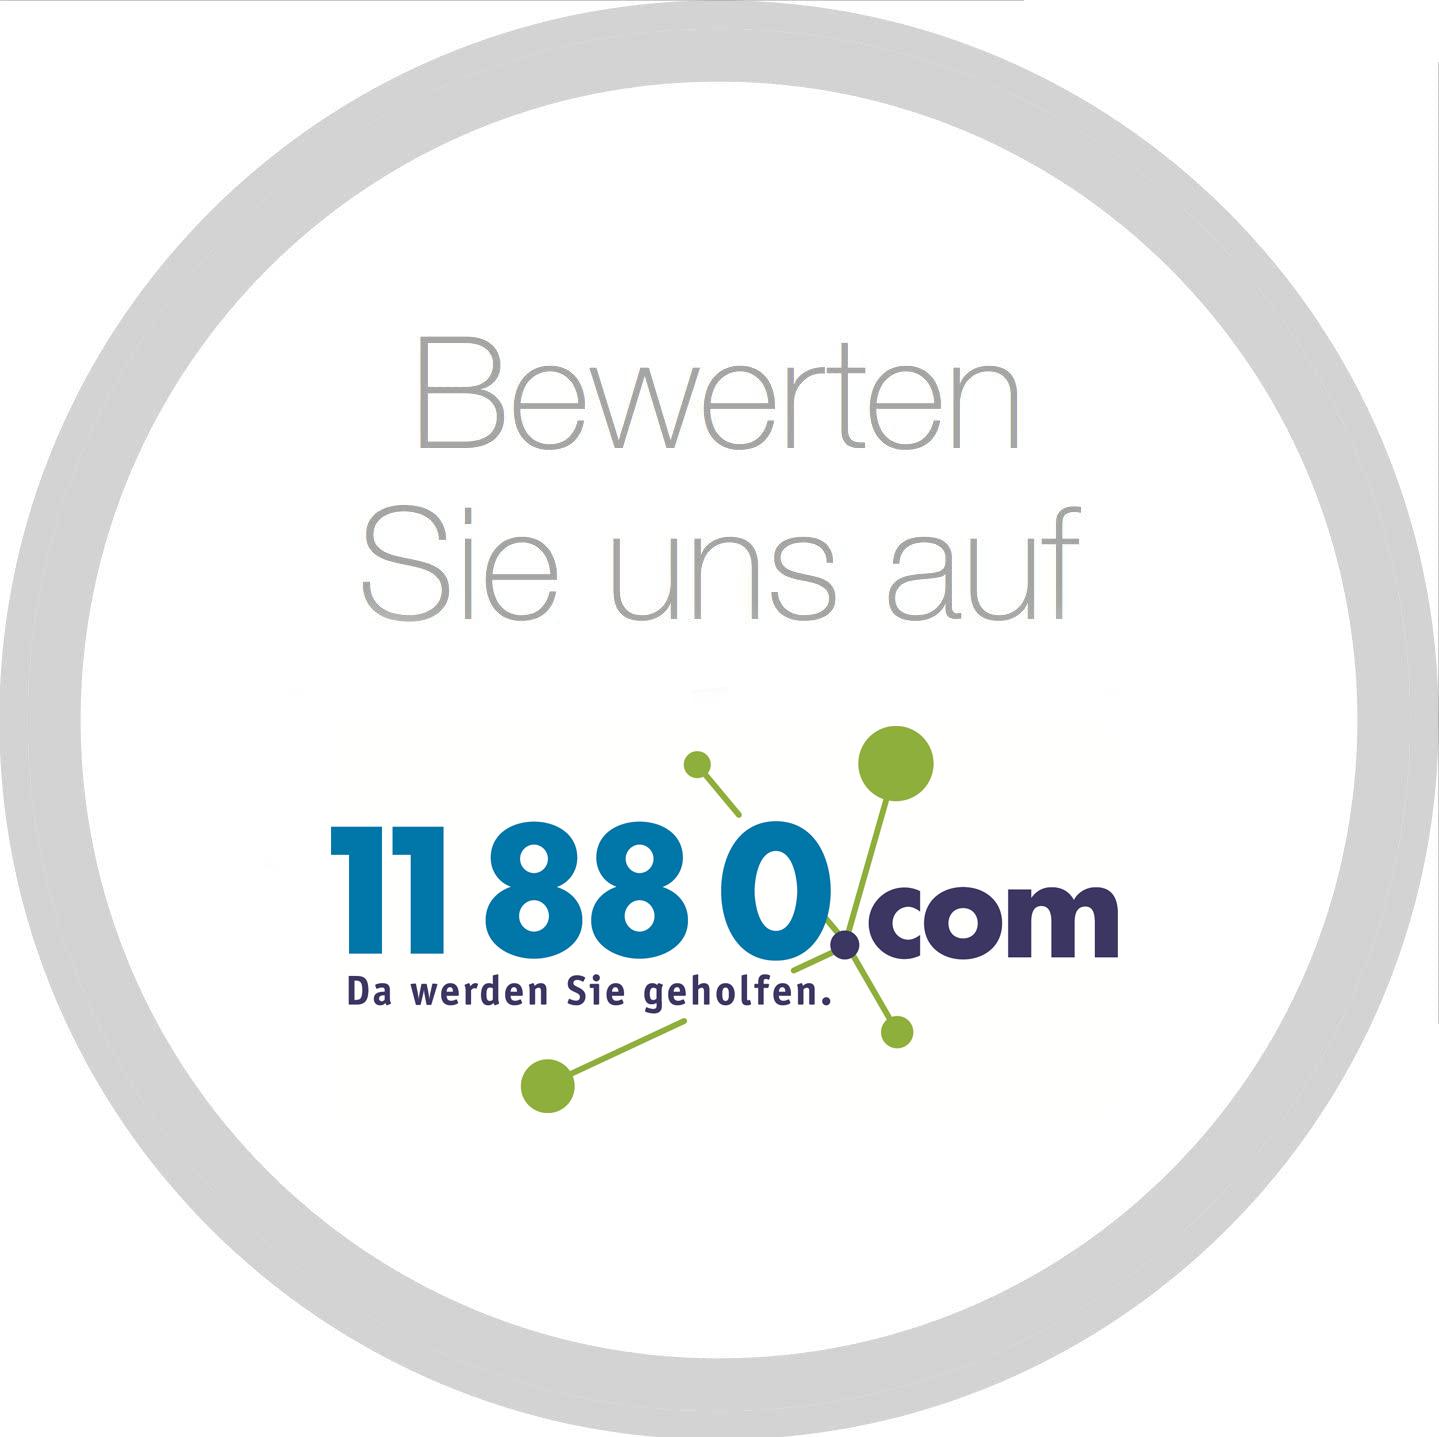 Reinigungsfirma München - 11880 Bewertungen